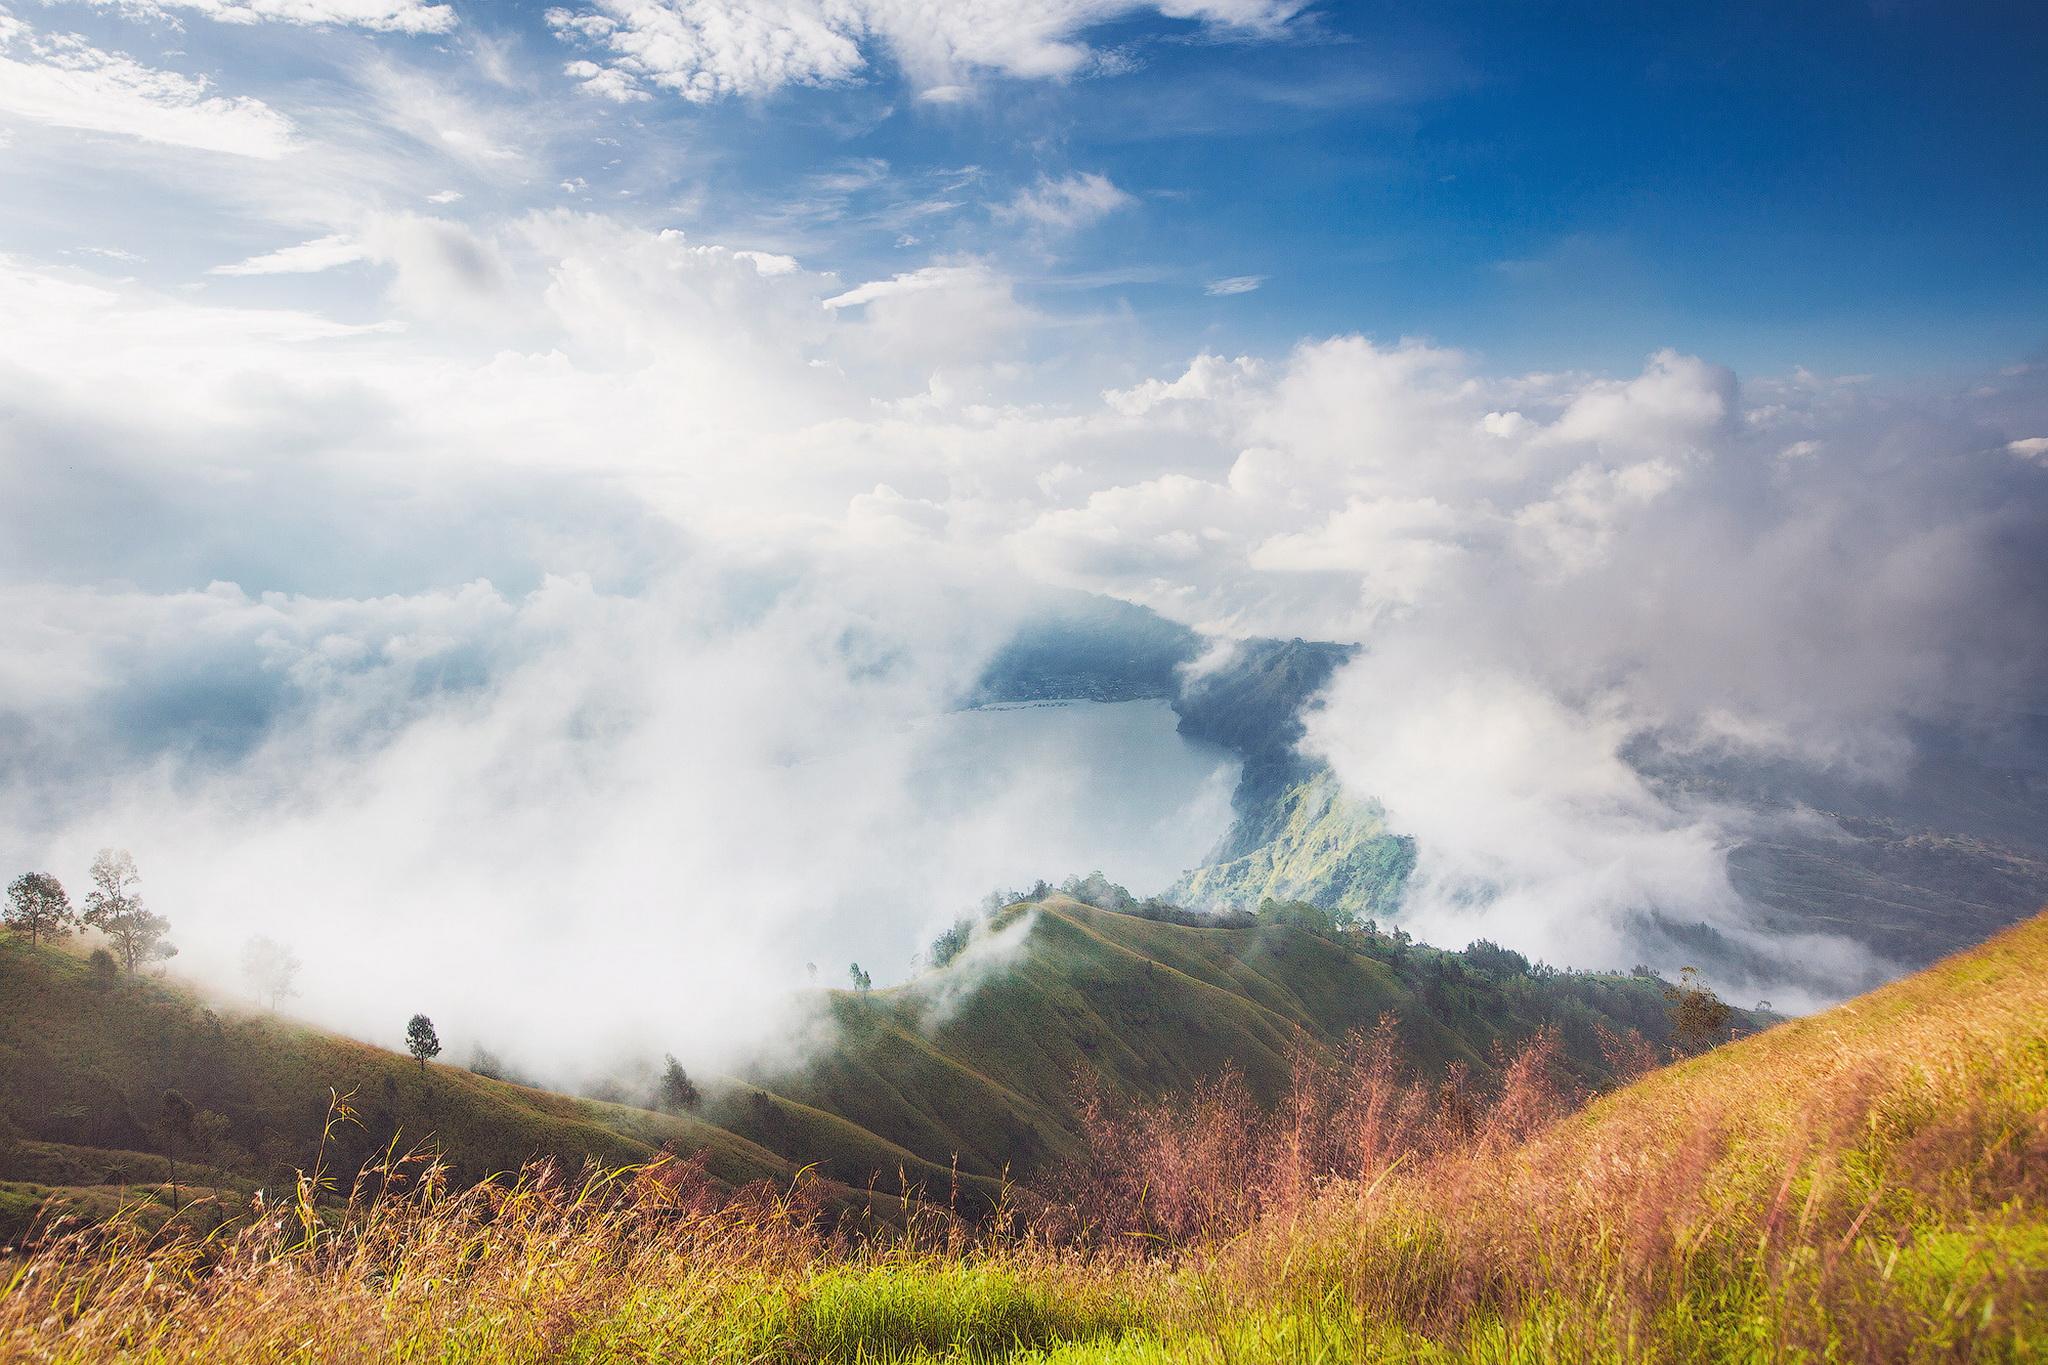 Sky and clouds - Photo gallery | MIRIADNA.COM